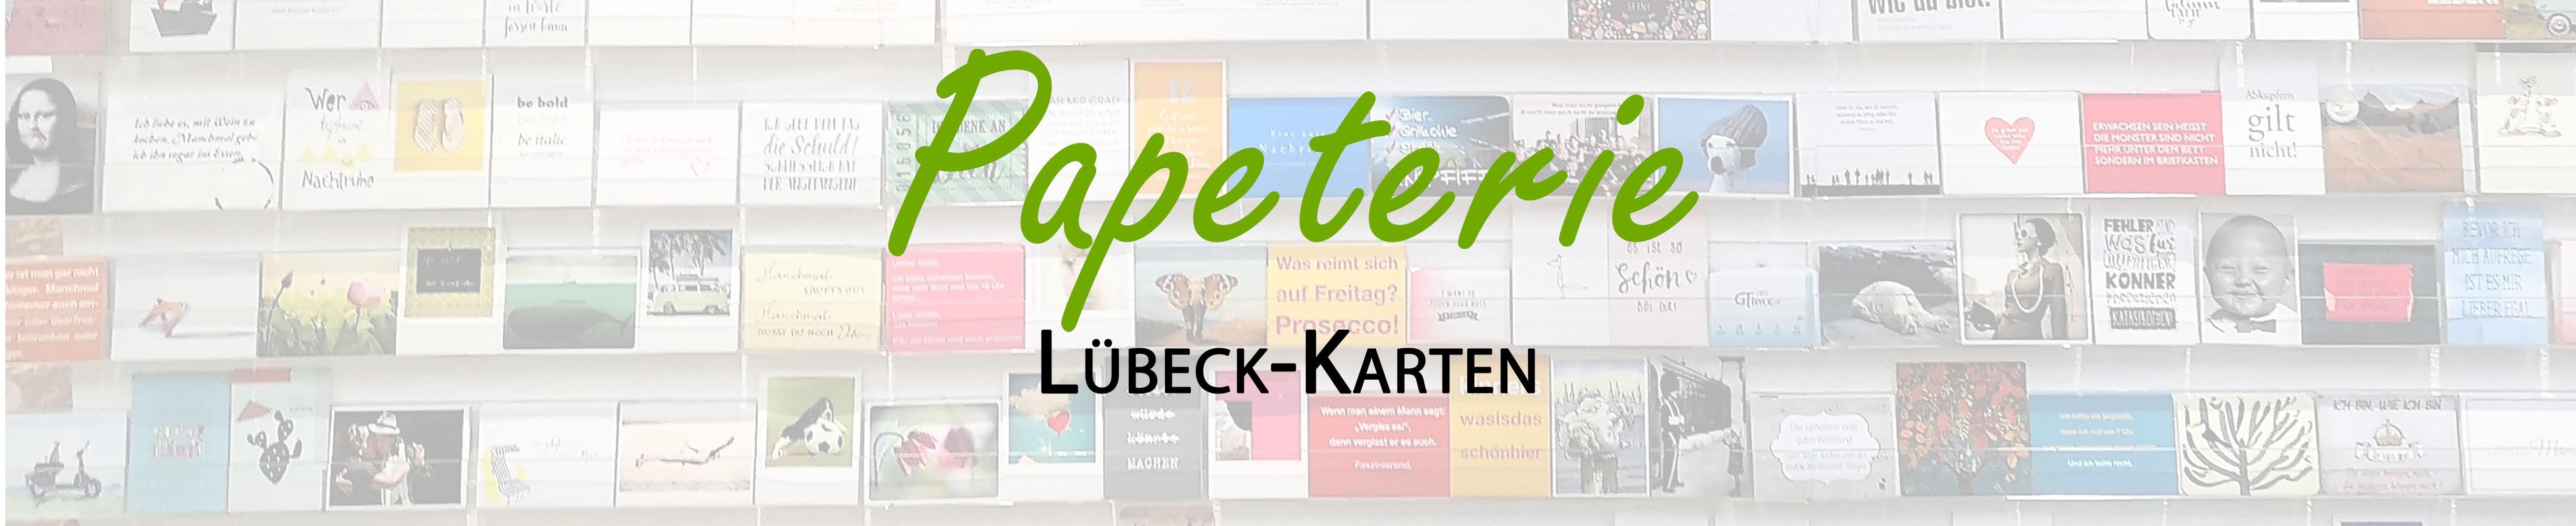 Kategorie: Lübeck-Karten